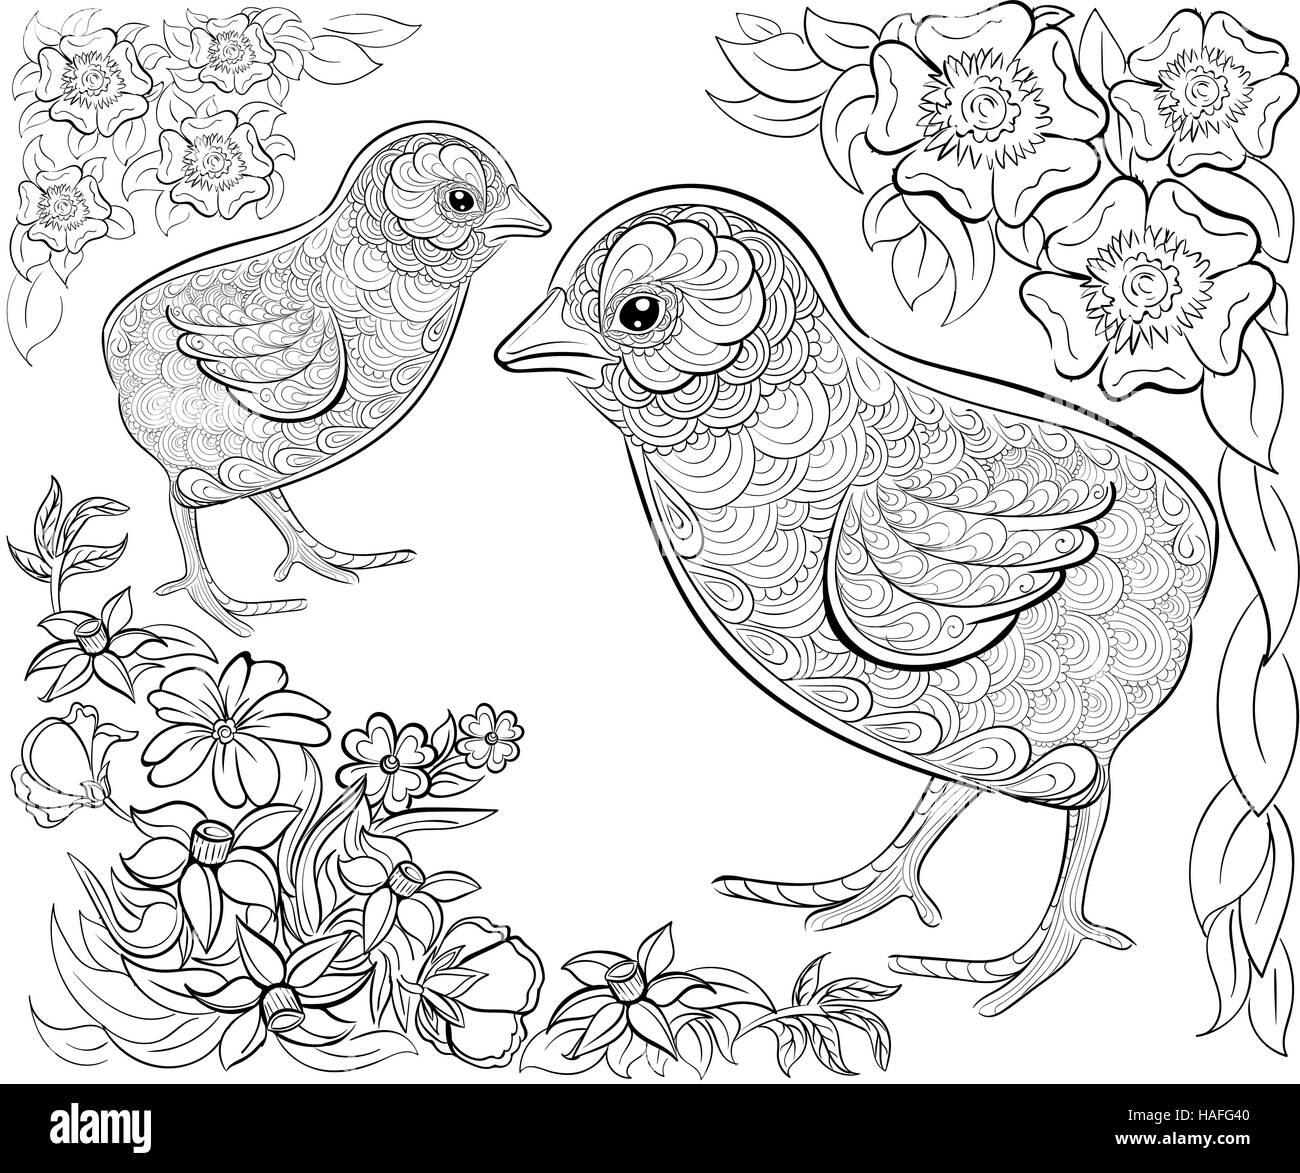 Patrón de tinta dibujados a mano. Libro para colorear para adultos ...